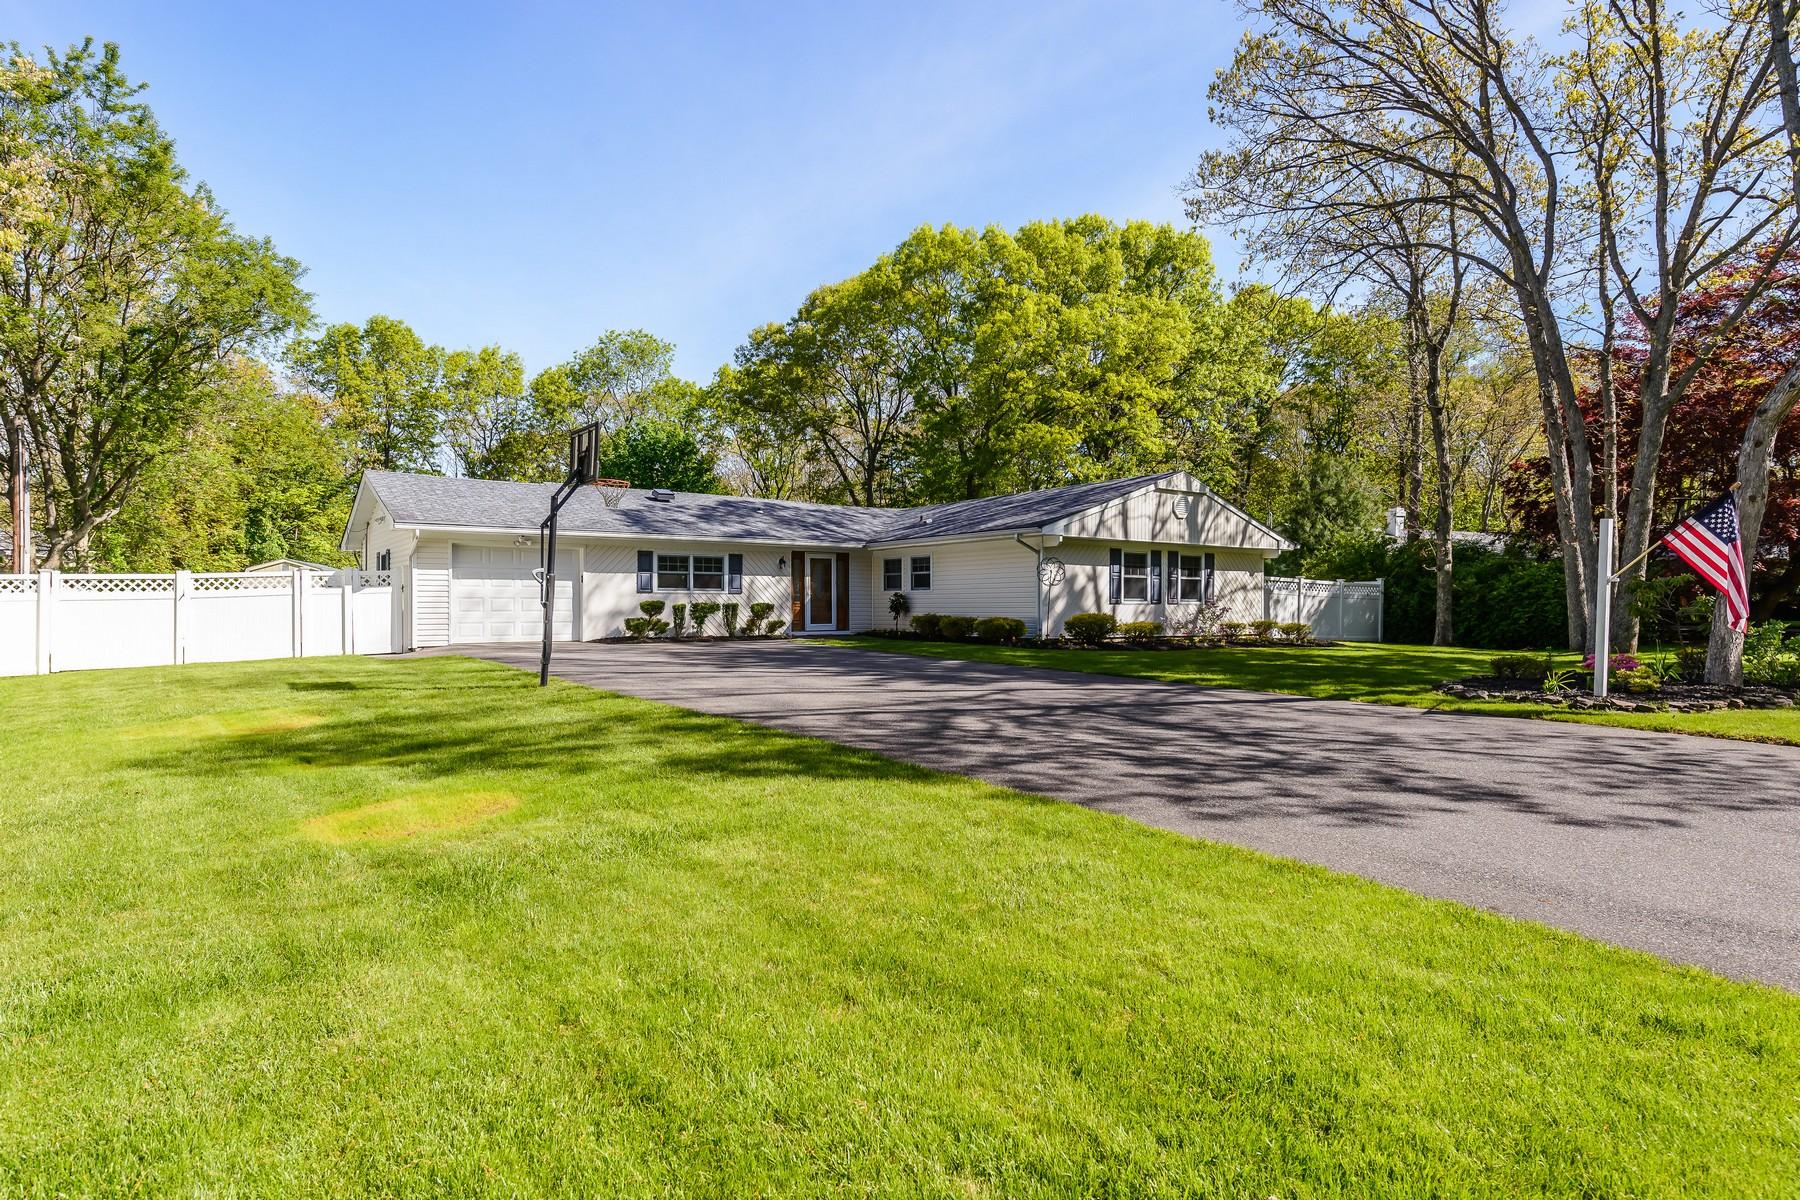 獨棟家庭住宅 為 出售 在 Ranch 5 Sycamore Dr Stony Brook, 紐約州, 11790 美國